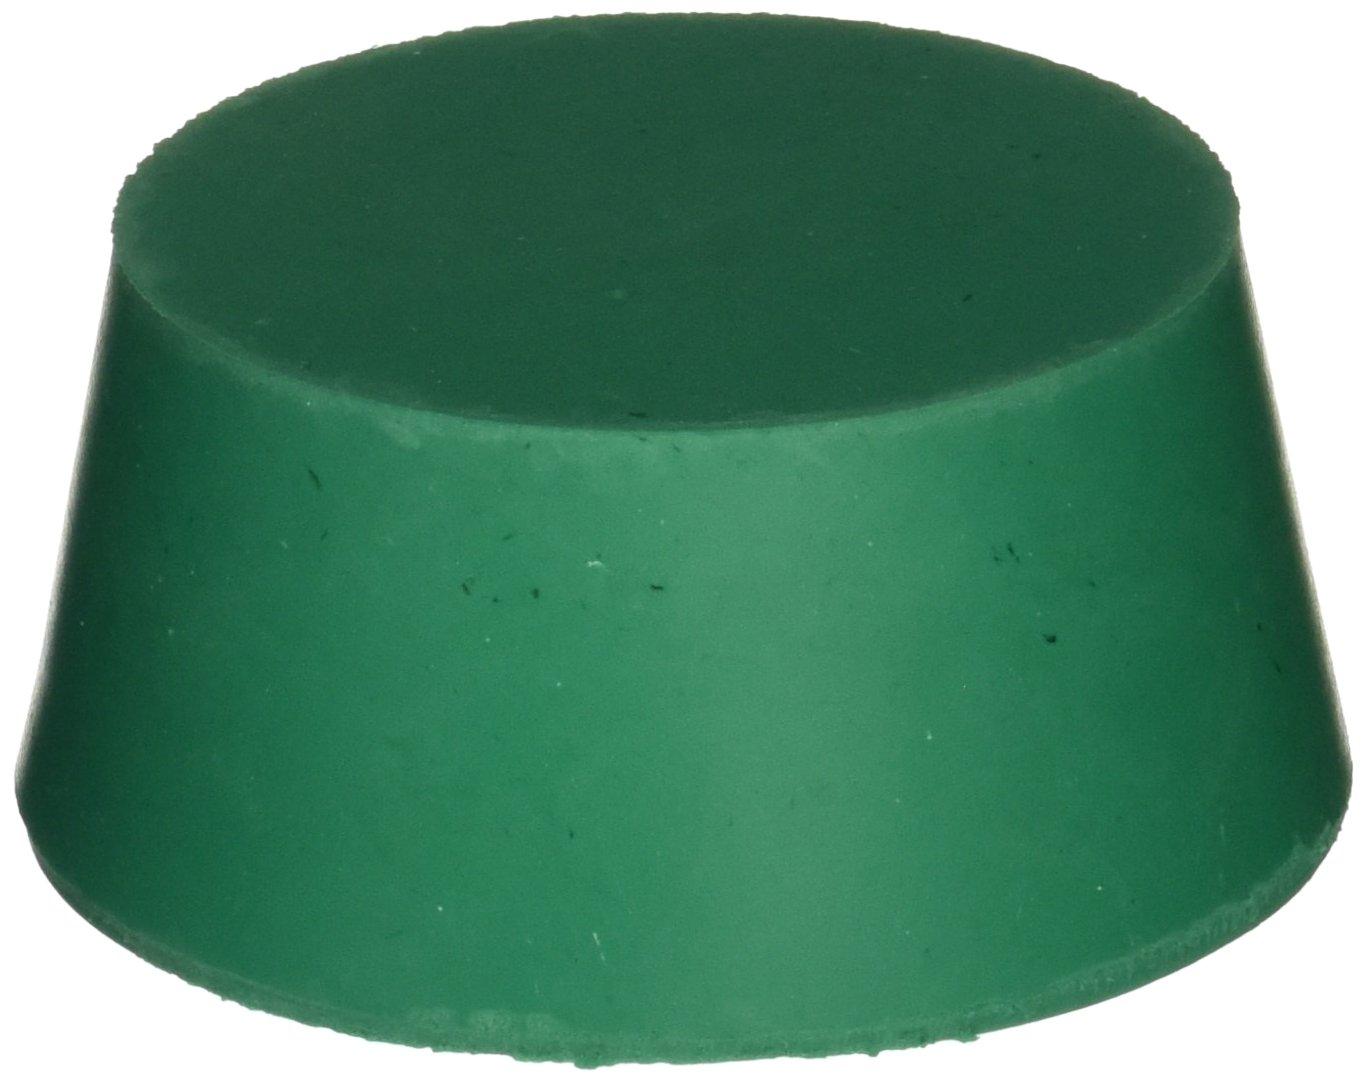 Plasticoid P135M350 Green Neoprene Solid Stopper, 75 mm Top Diameter, 62 mm Bottom Diameter, 13.5 Size, 25 mm Length (Pack of 13)